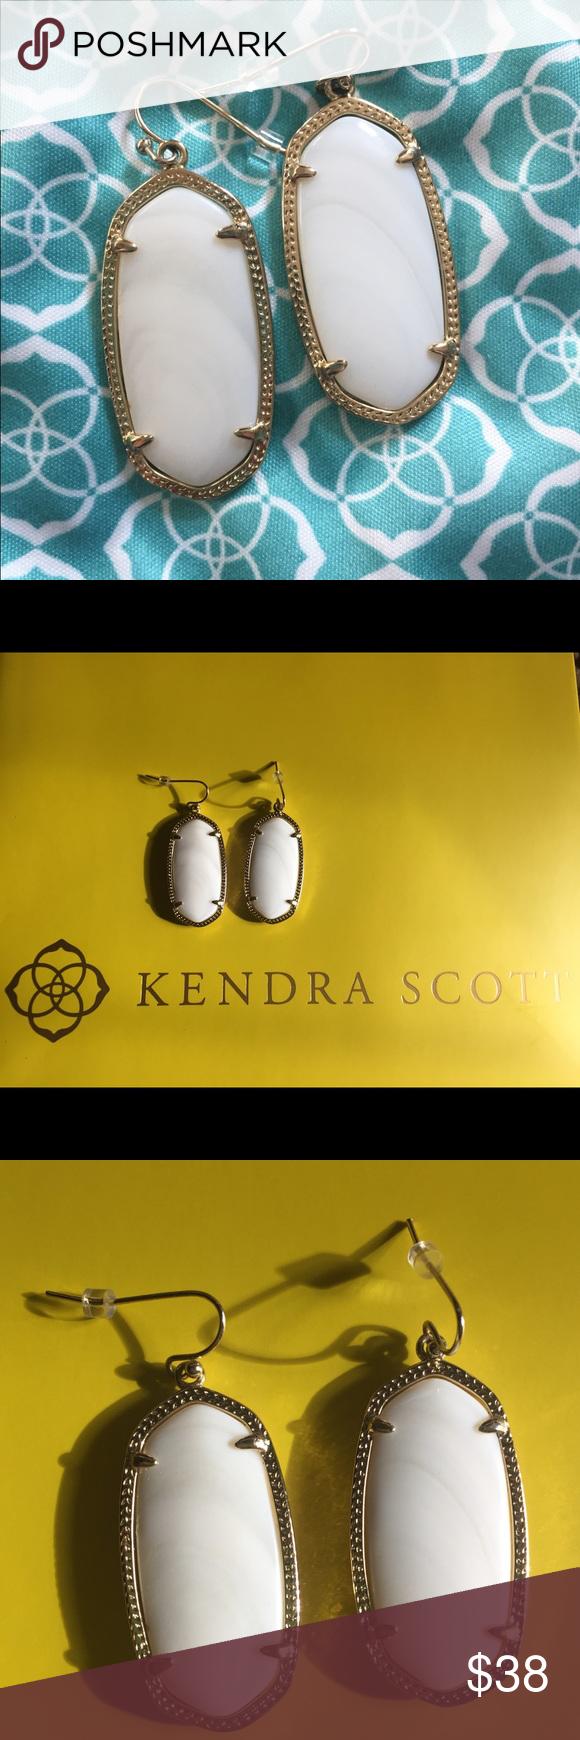 Kendra Scott Elle Earrings Custom oval stones in a thin